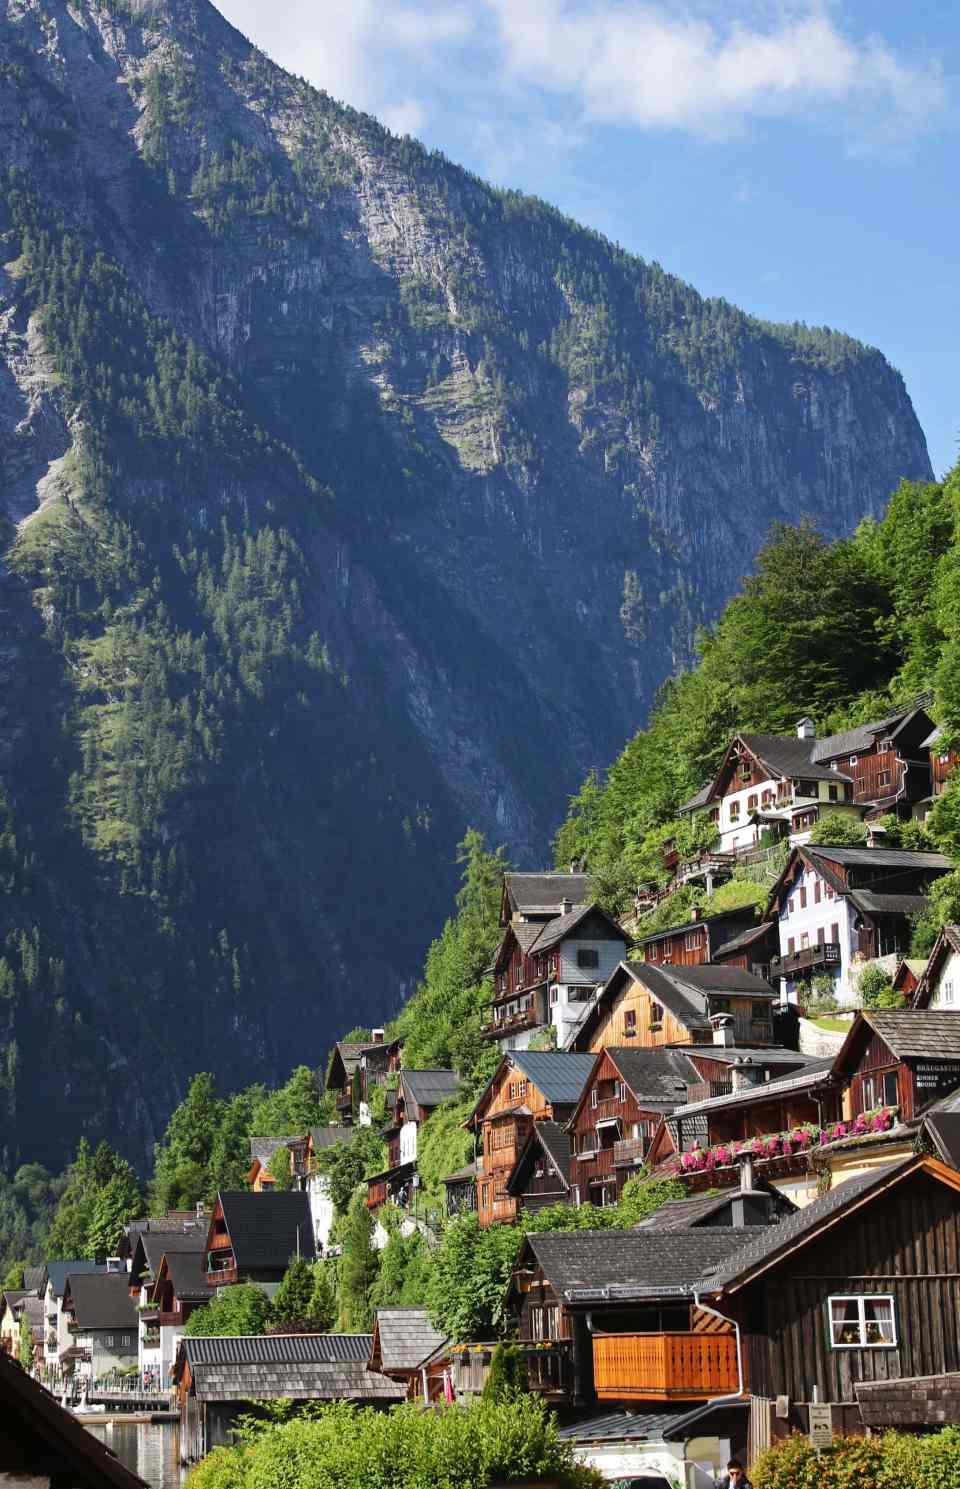 Houses built into hillside at Hallstatt